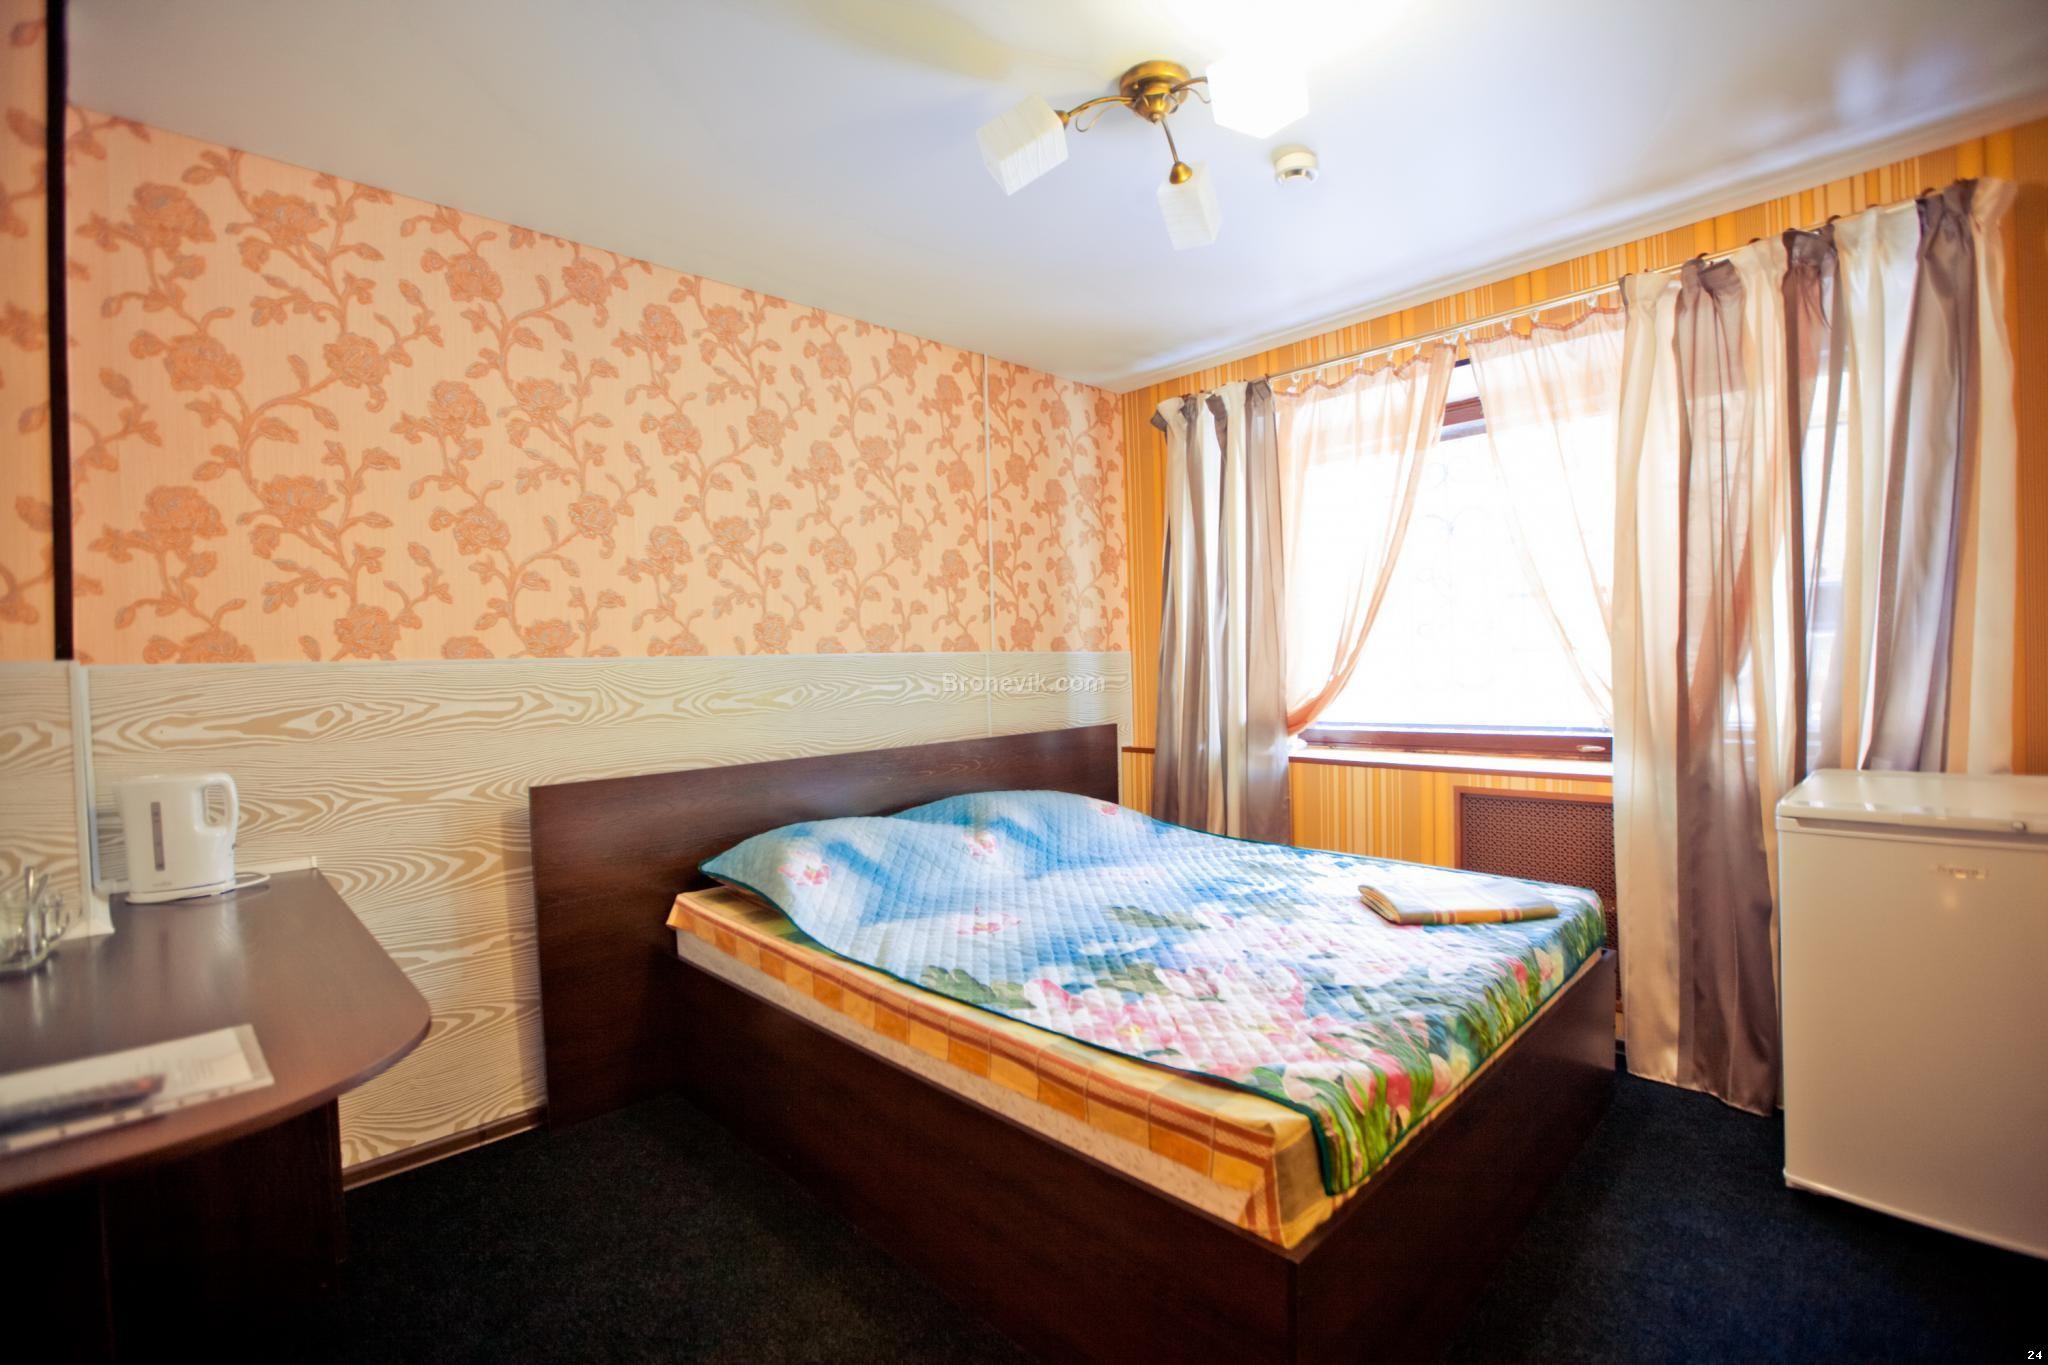 Гостиница Барнаула, где есть кухня в номере